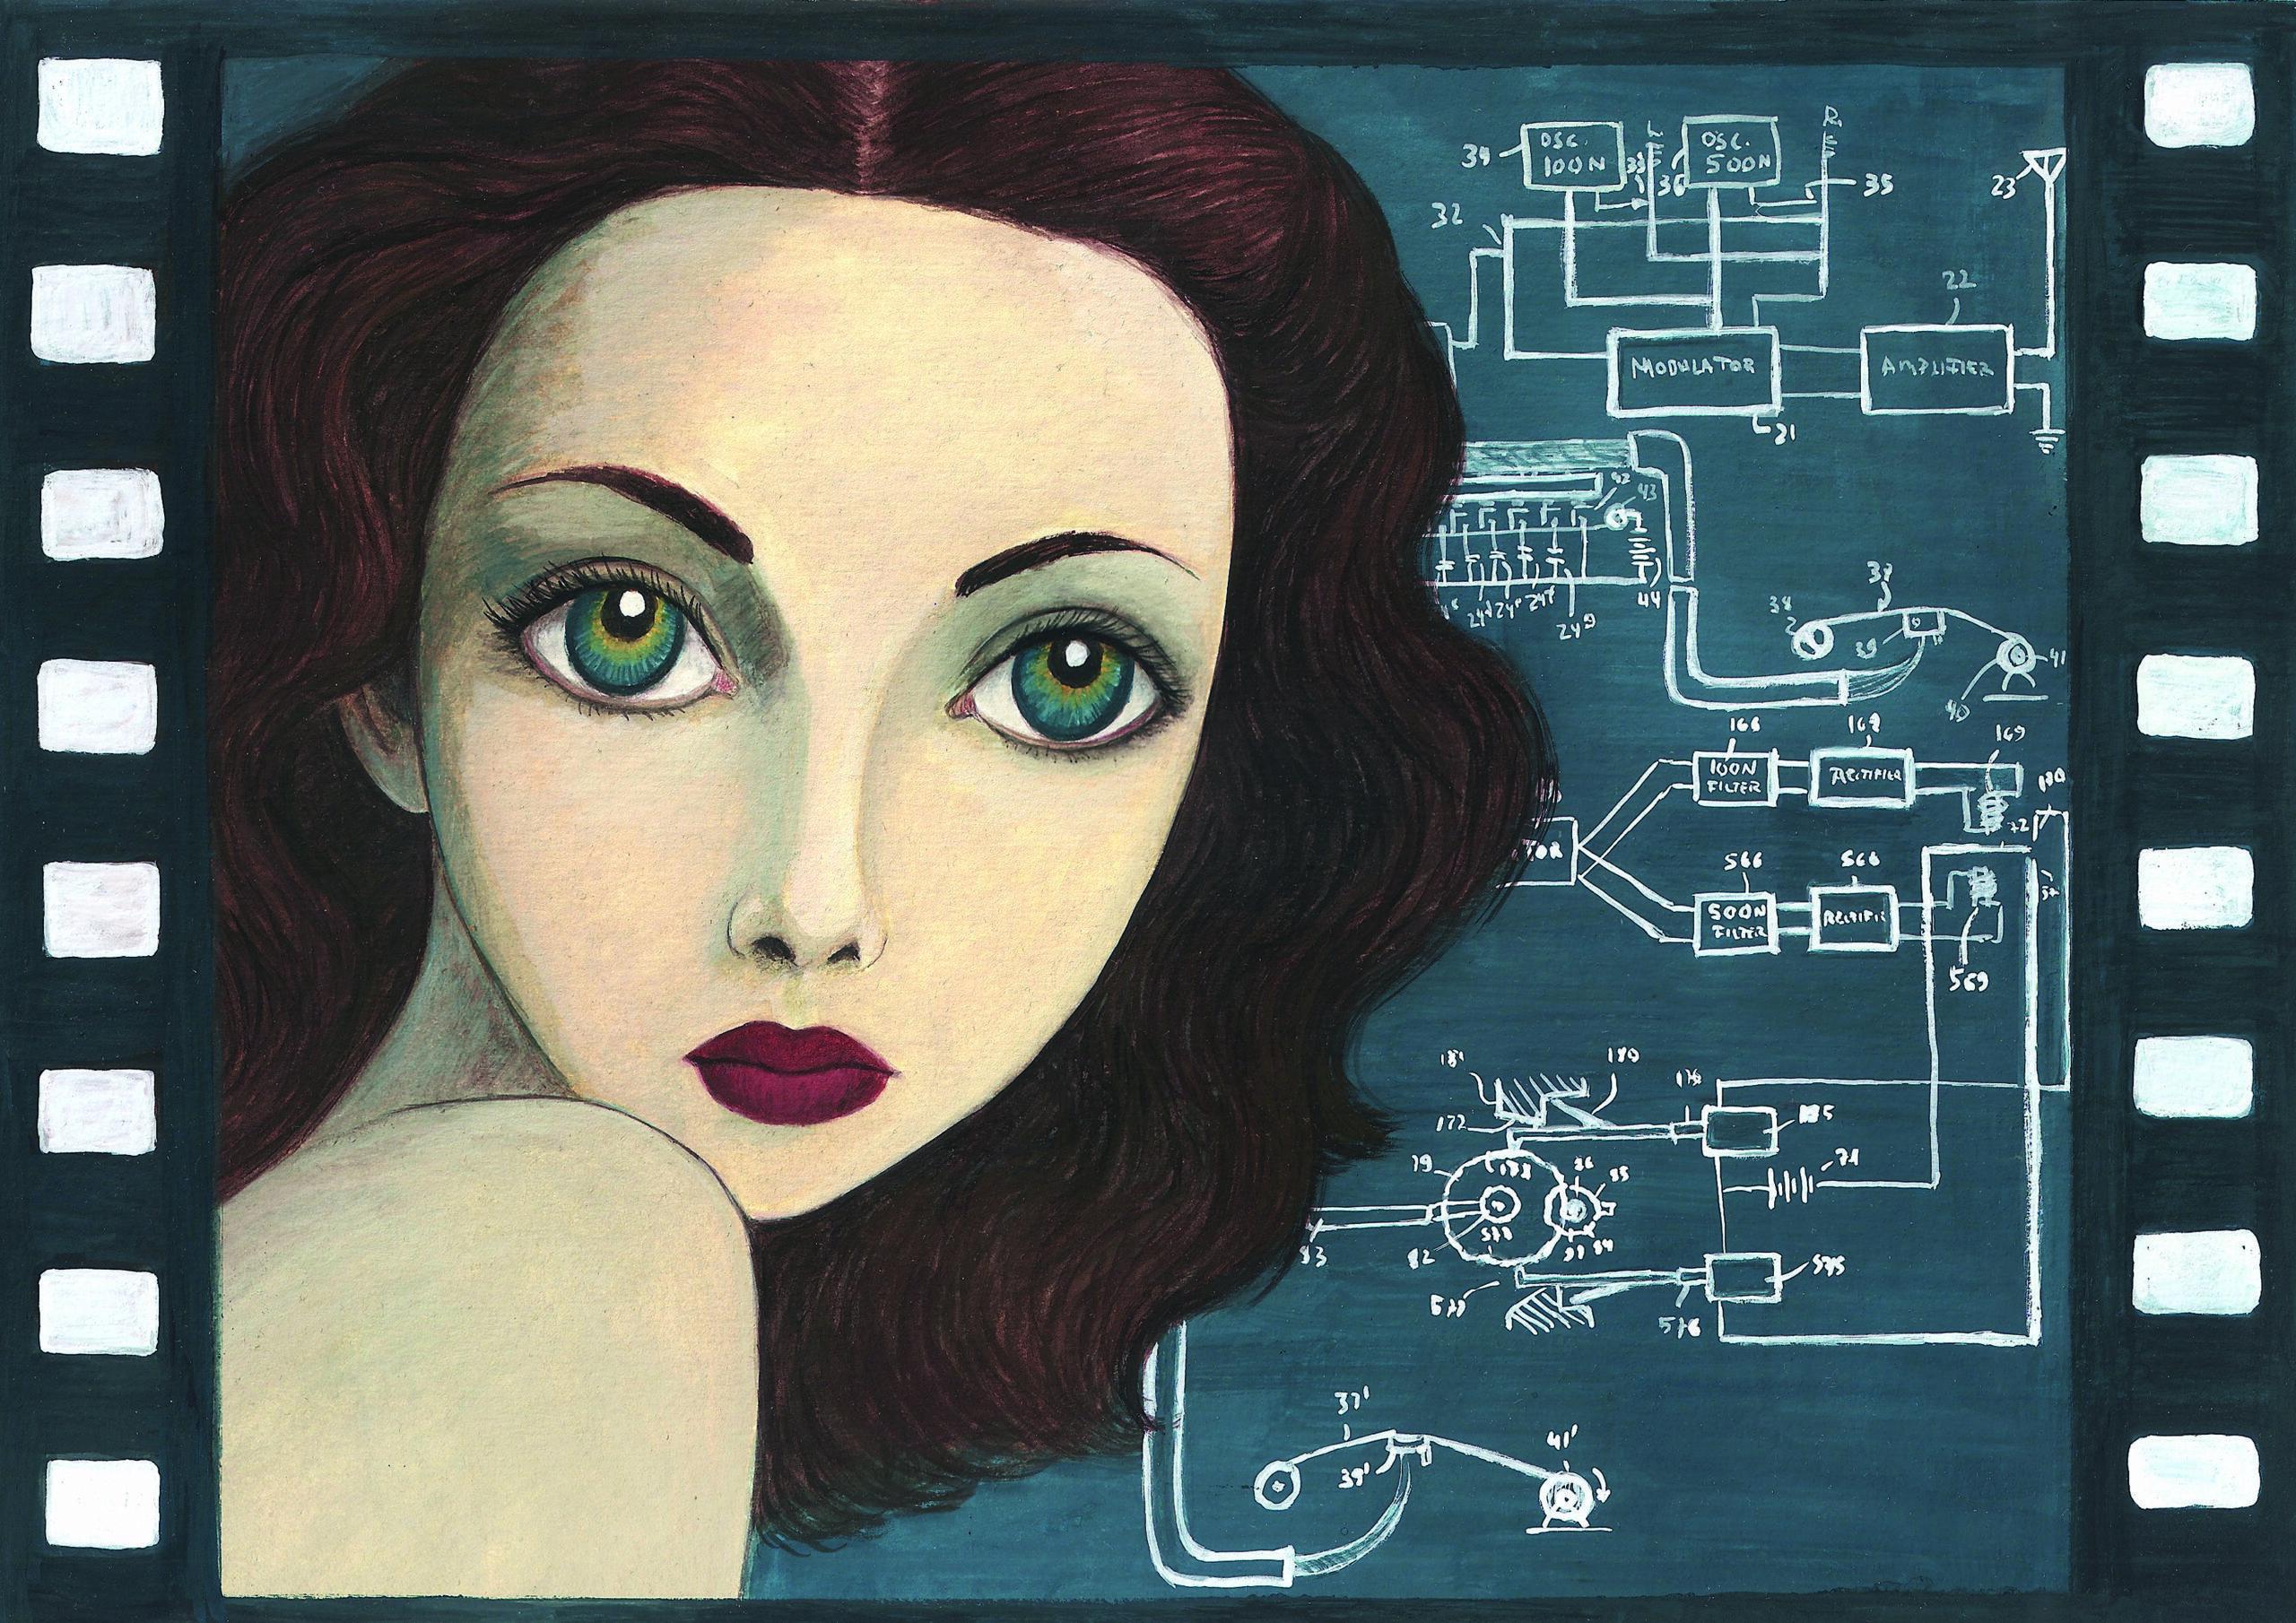 Ilustración de Hedy Lamarr, cortesía de Isabel Ruiz Ruiz, publicada en el libro Mujeres, nº 2